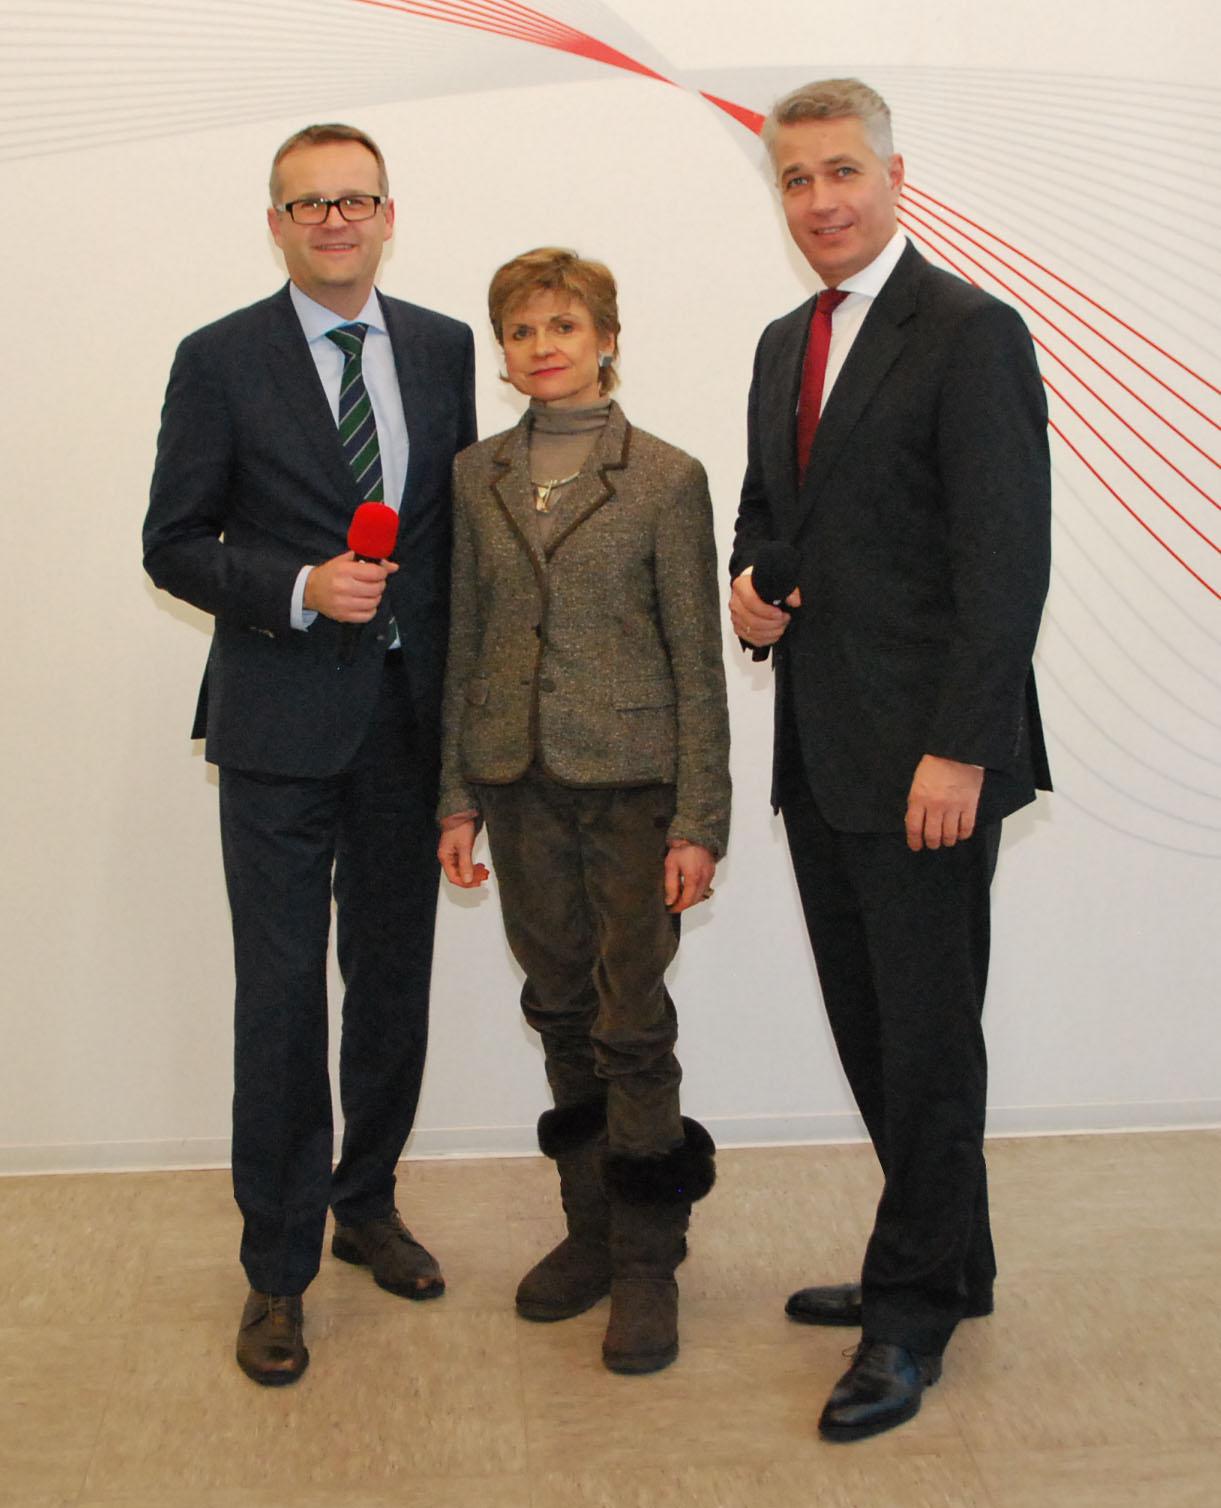 STI Group Geschäftsführer Aleksandar Stojanovic (links), Inhaberin Dr. Kristina Stabernack und Dr. Tom Giessler (rechts) standen den Mitarbeitern der STI Group beim jährlichen Jahresabschluss-Dialog Rede und Antwort.